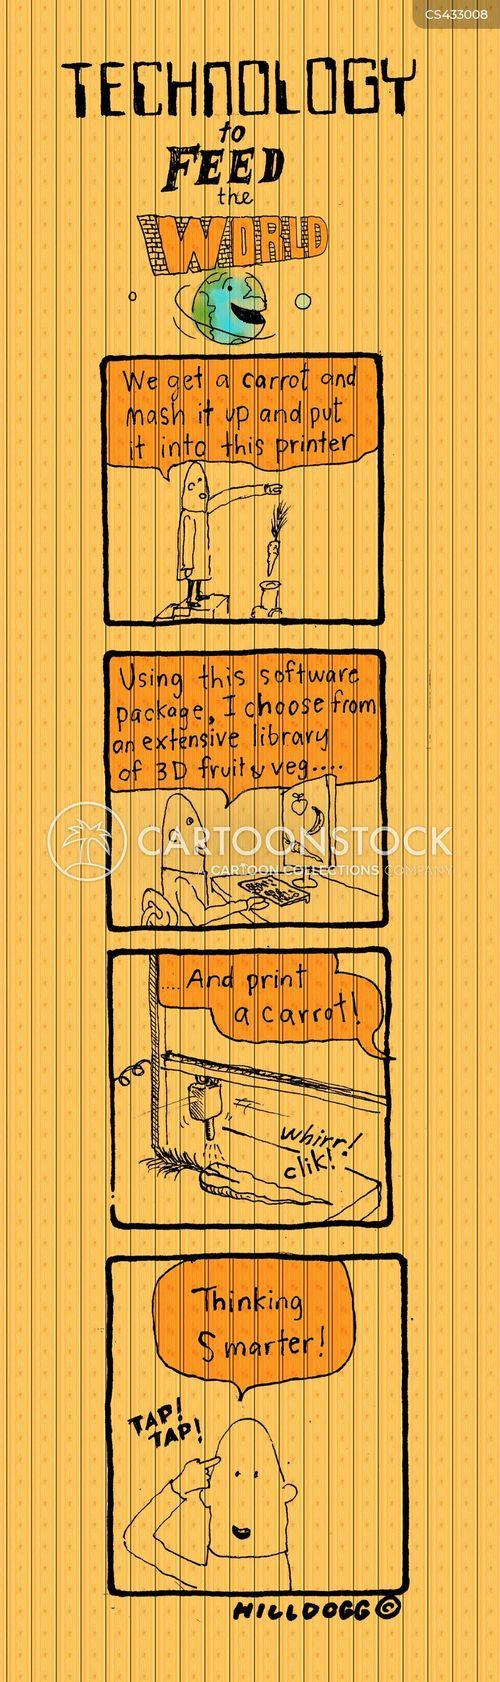 3d printing cartoon